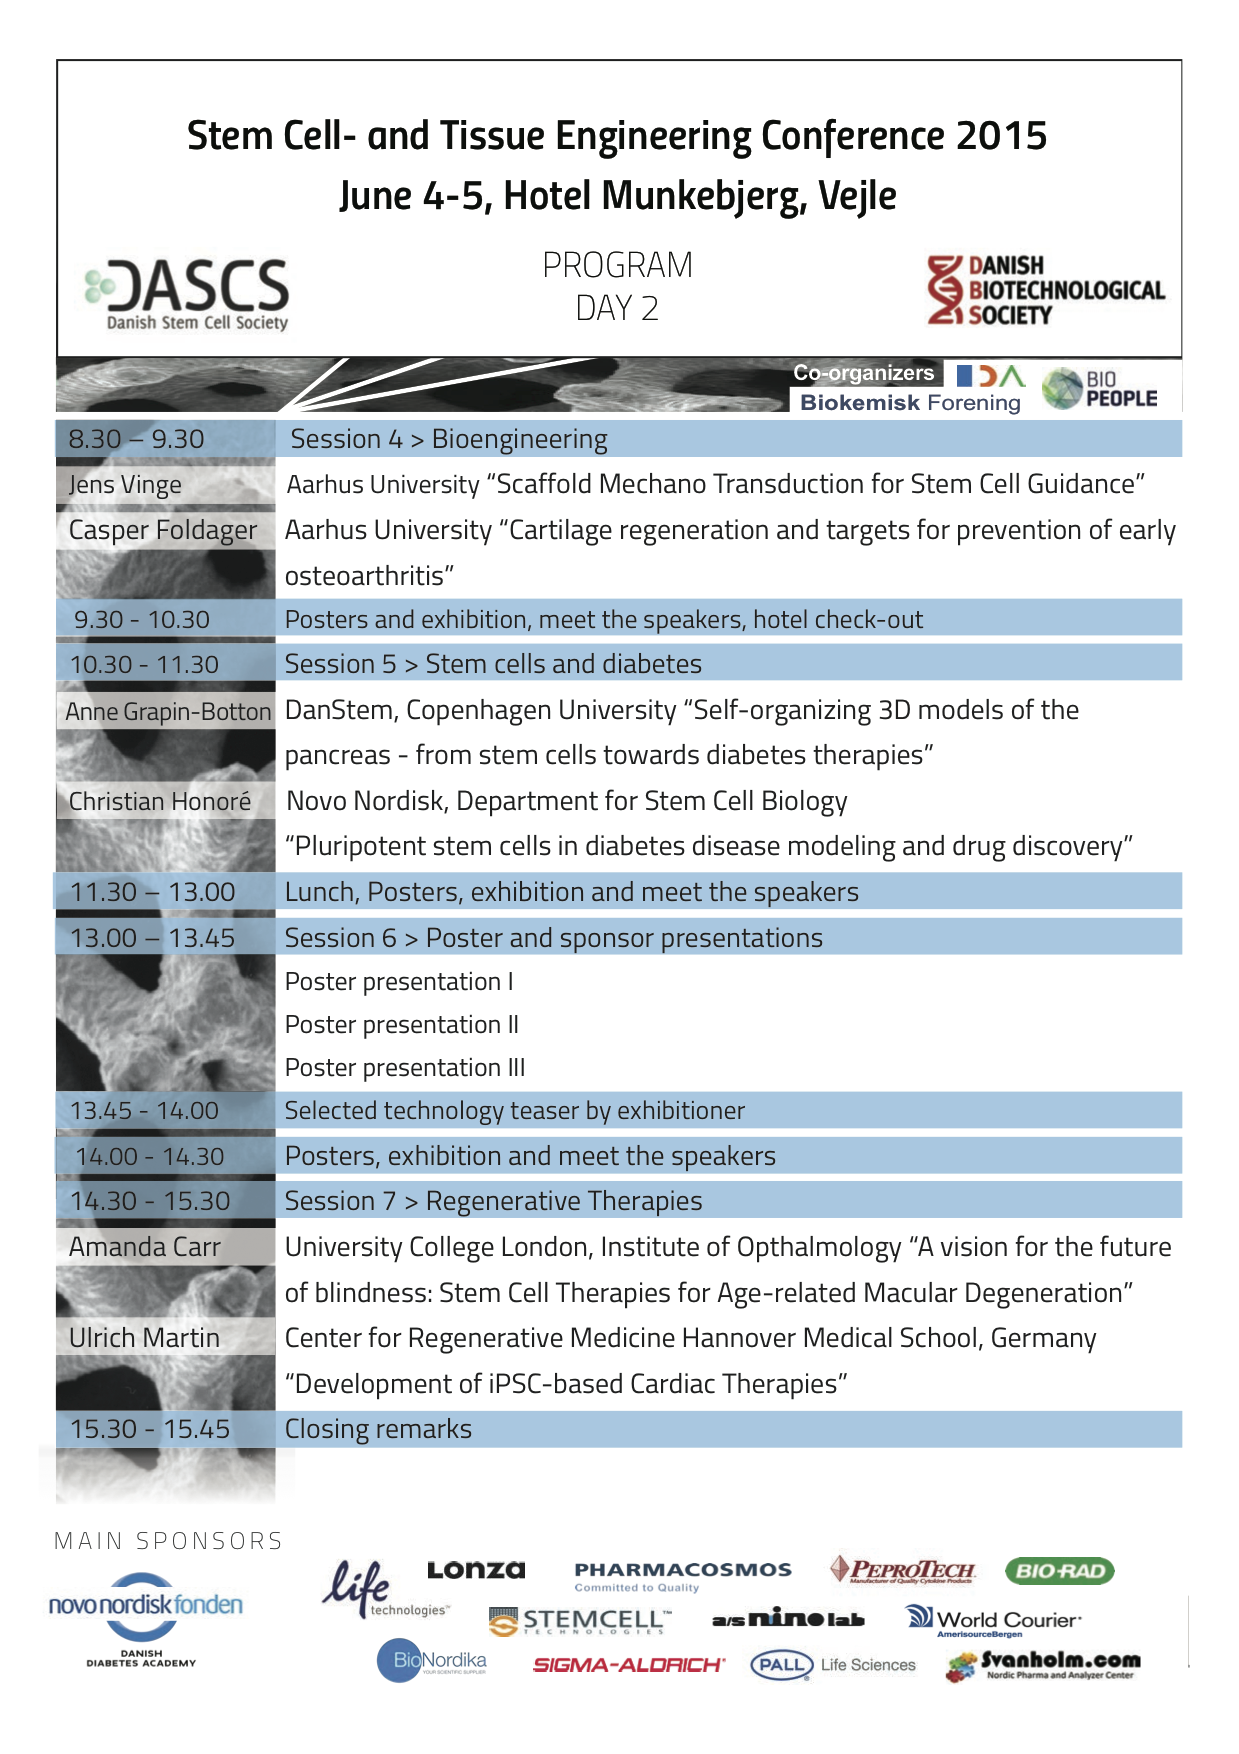 DASCS 2015 Program v10_DAY2A